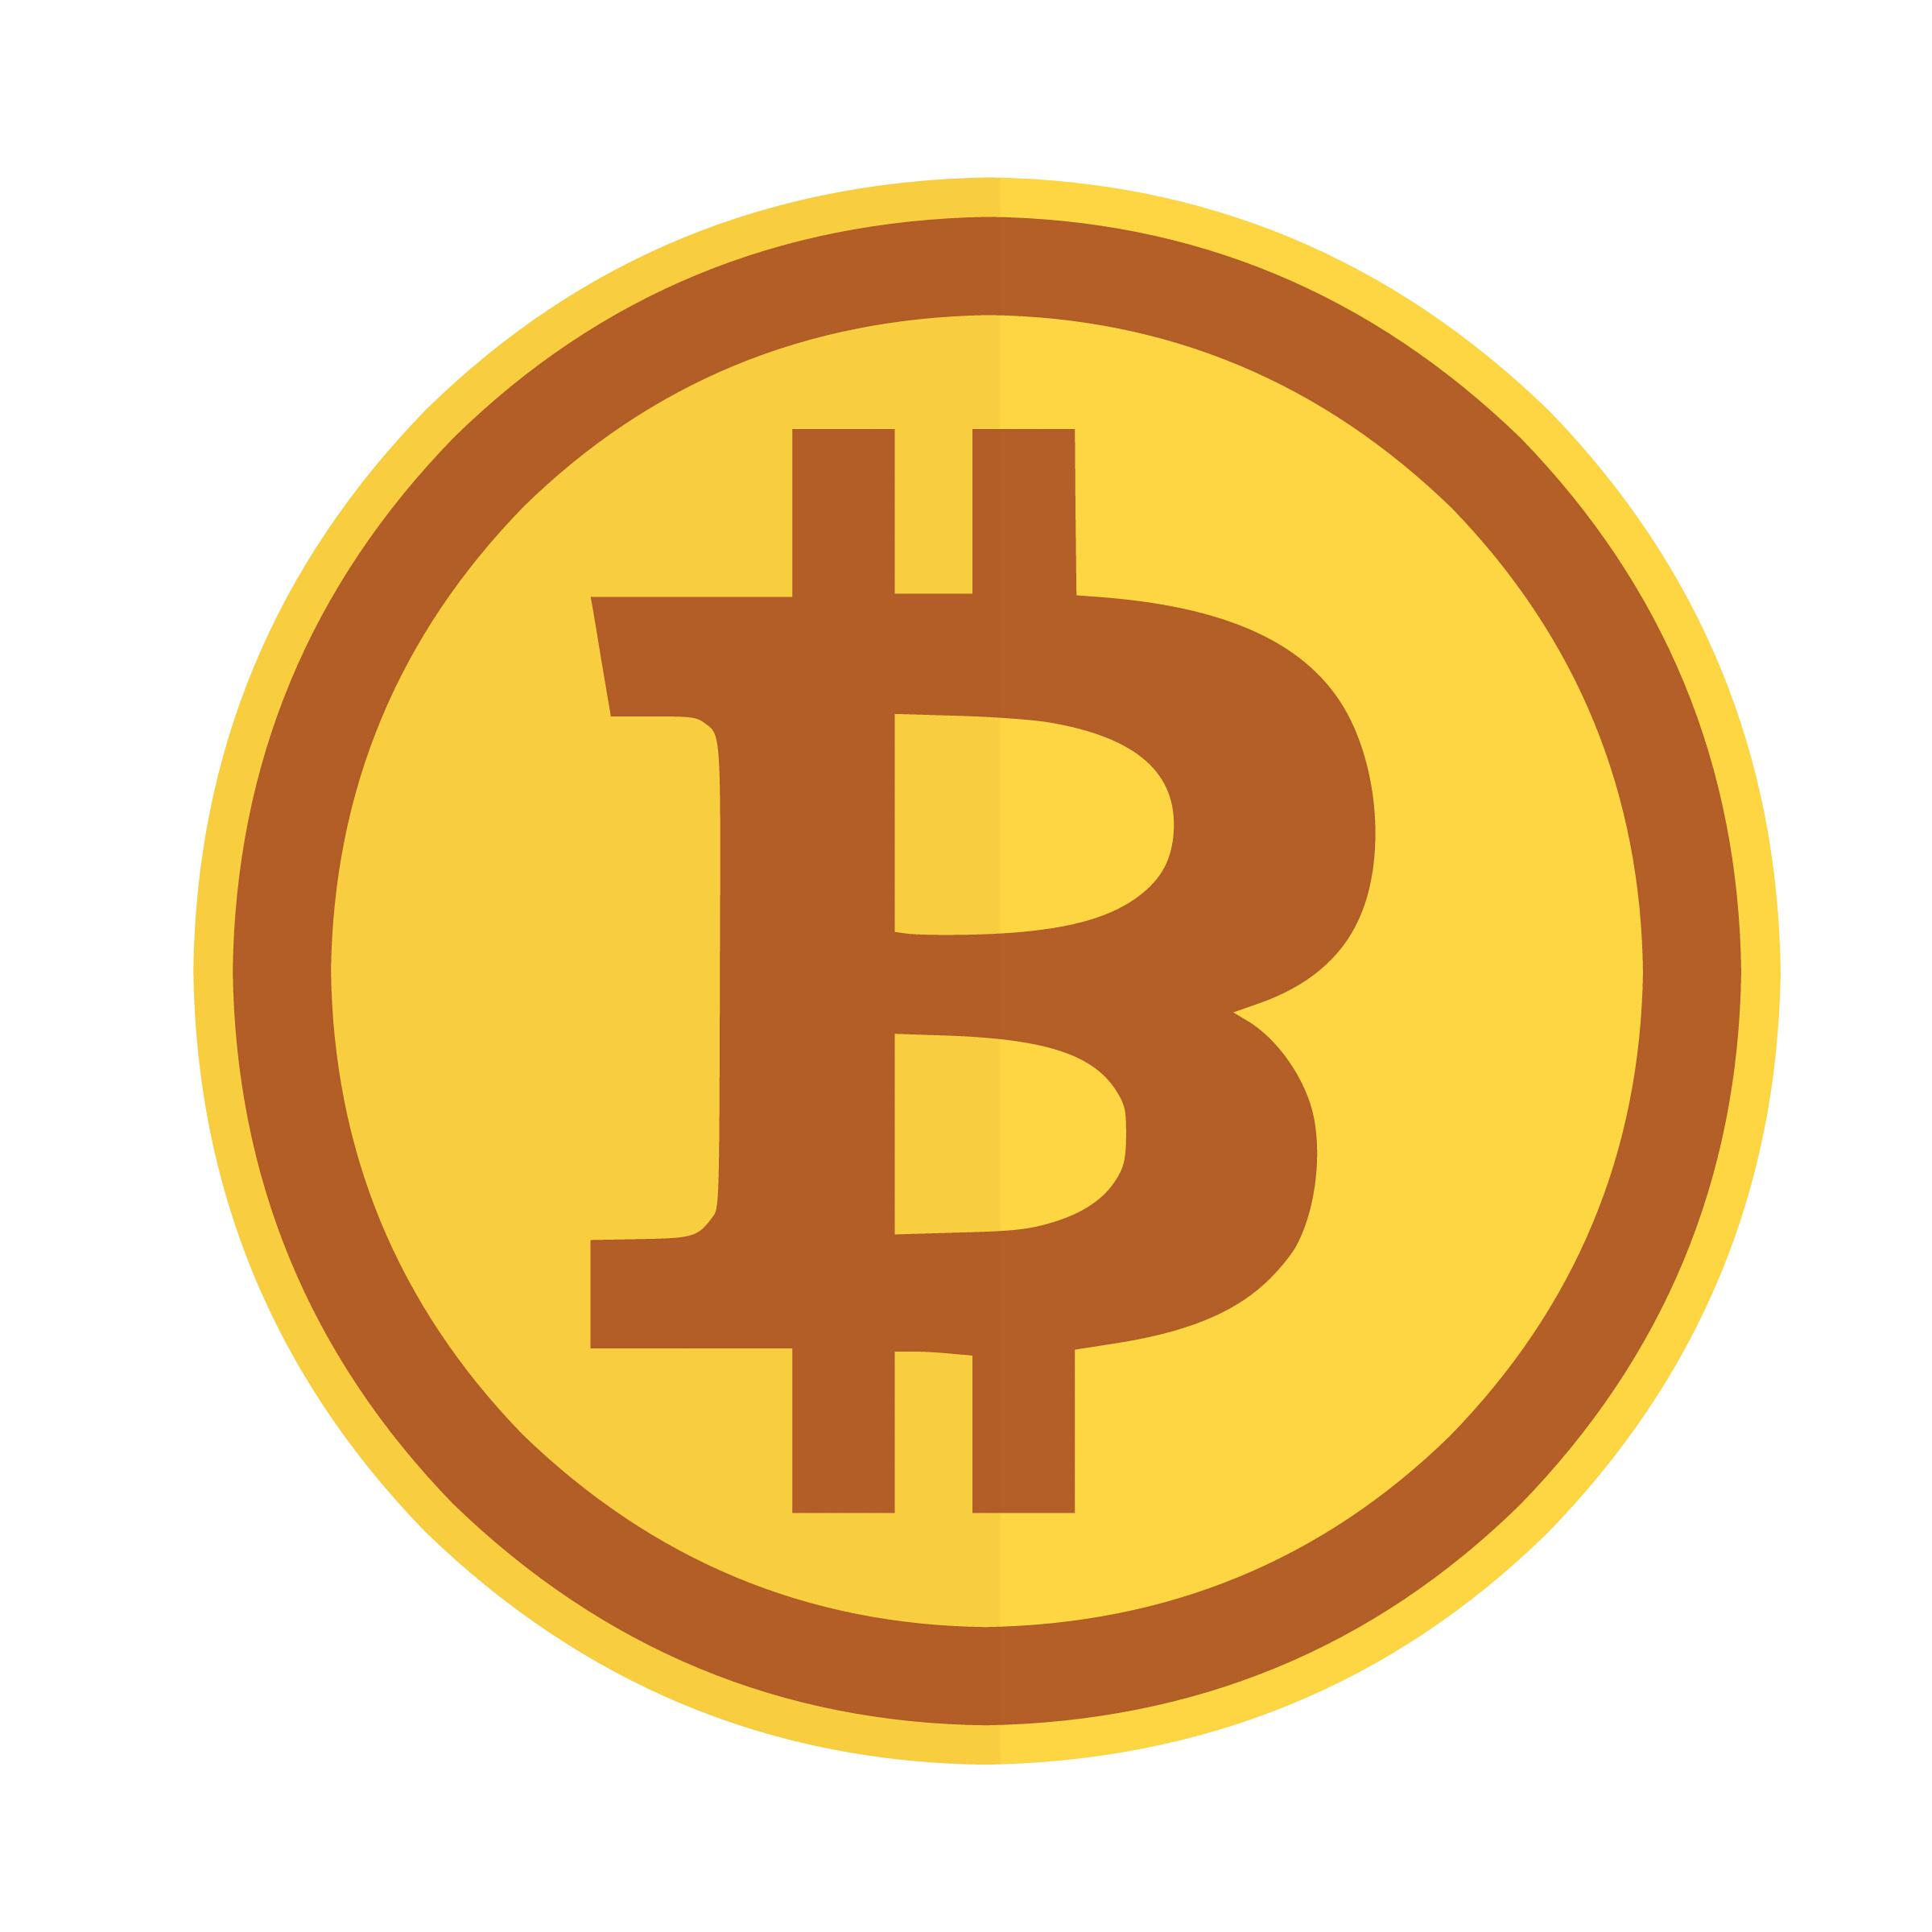 Bitcoin firmare in un cerchio con due punti collegano simbolo Icone Gratuite